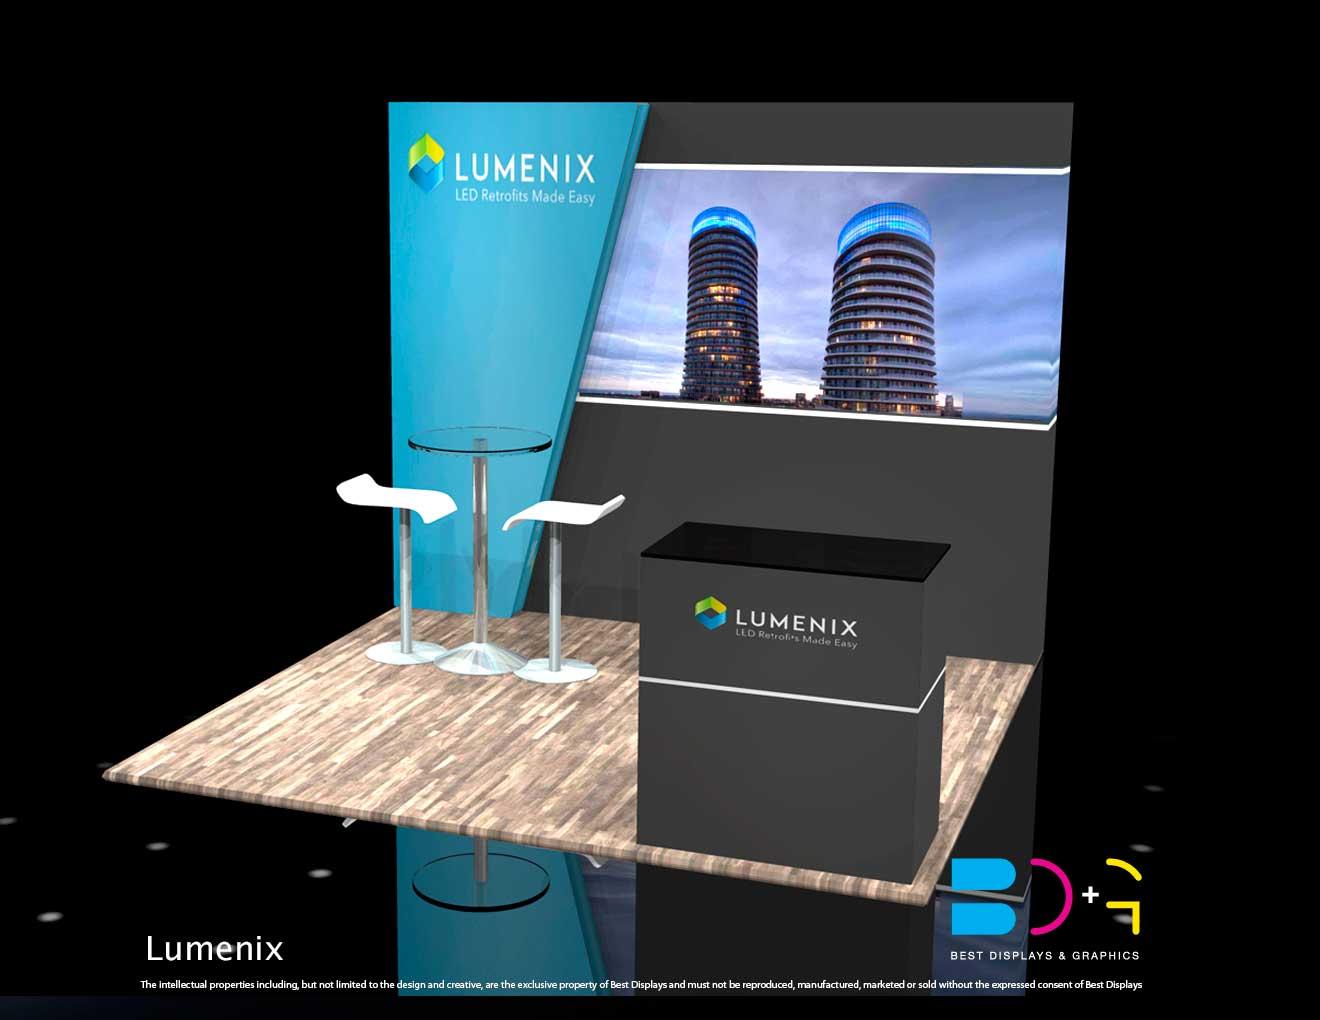 lumenix